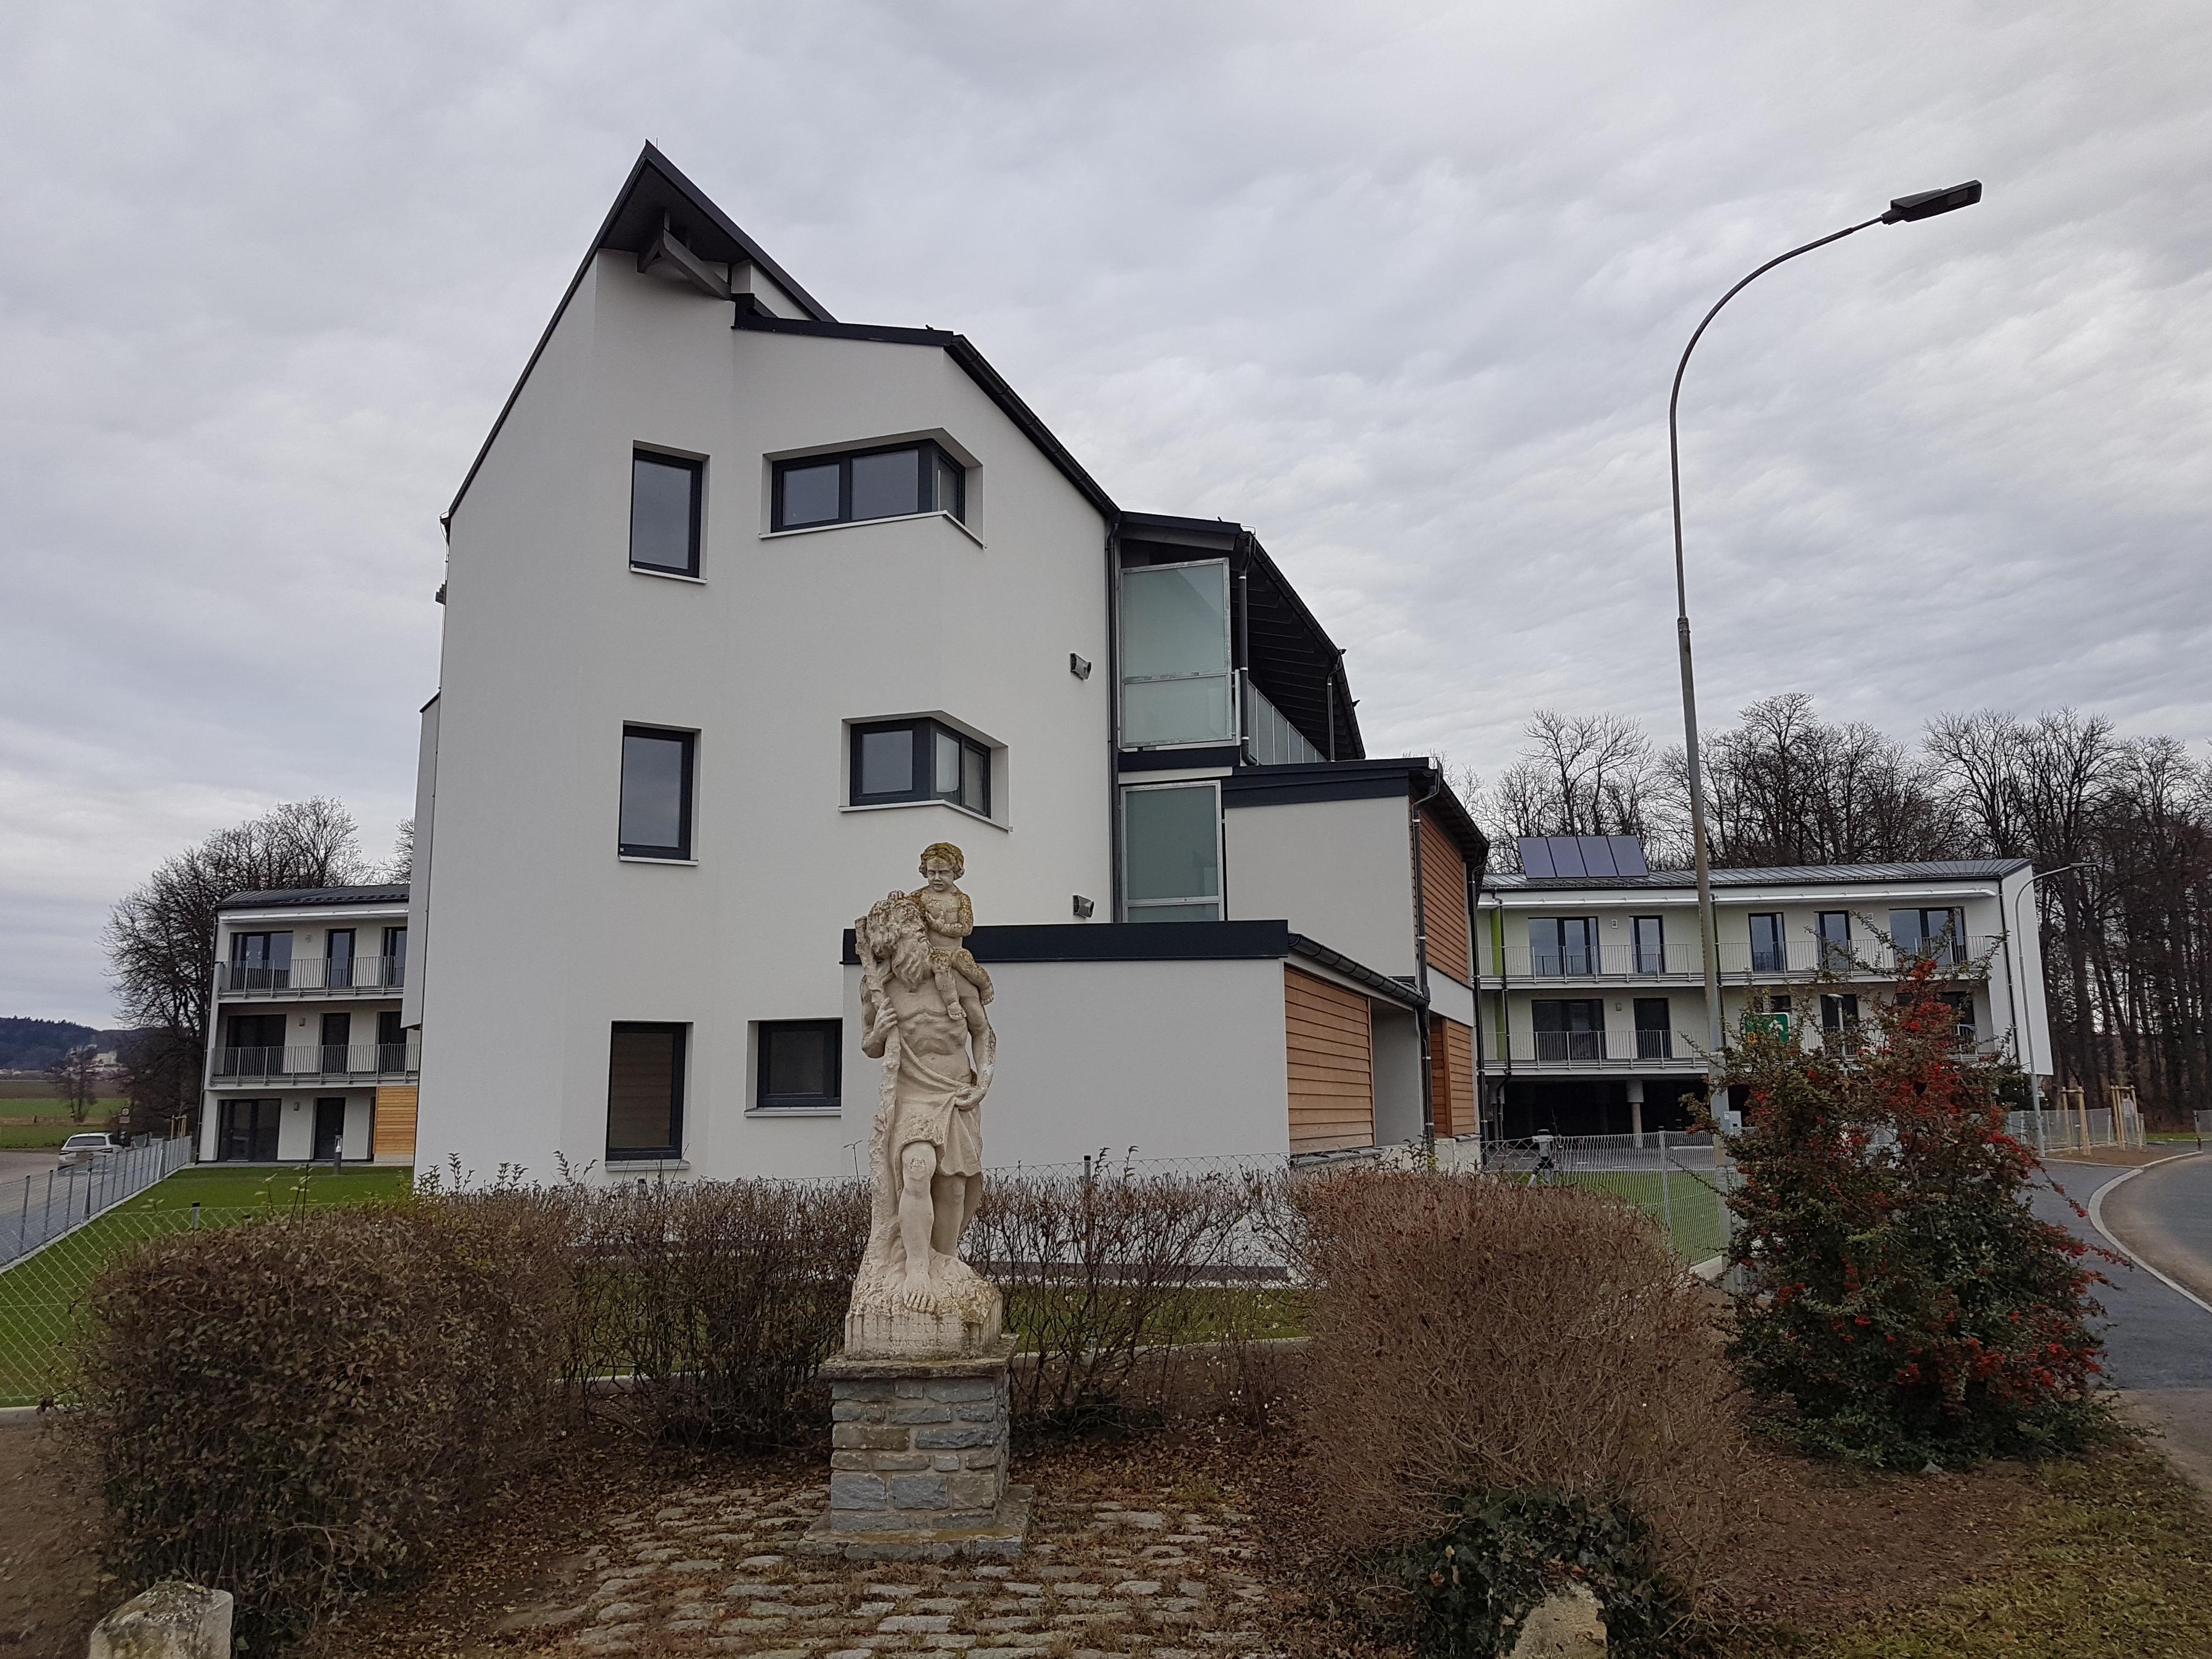 Ravelsbach_16122019_17